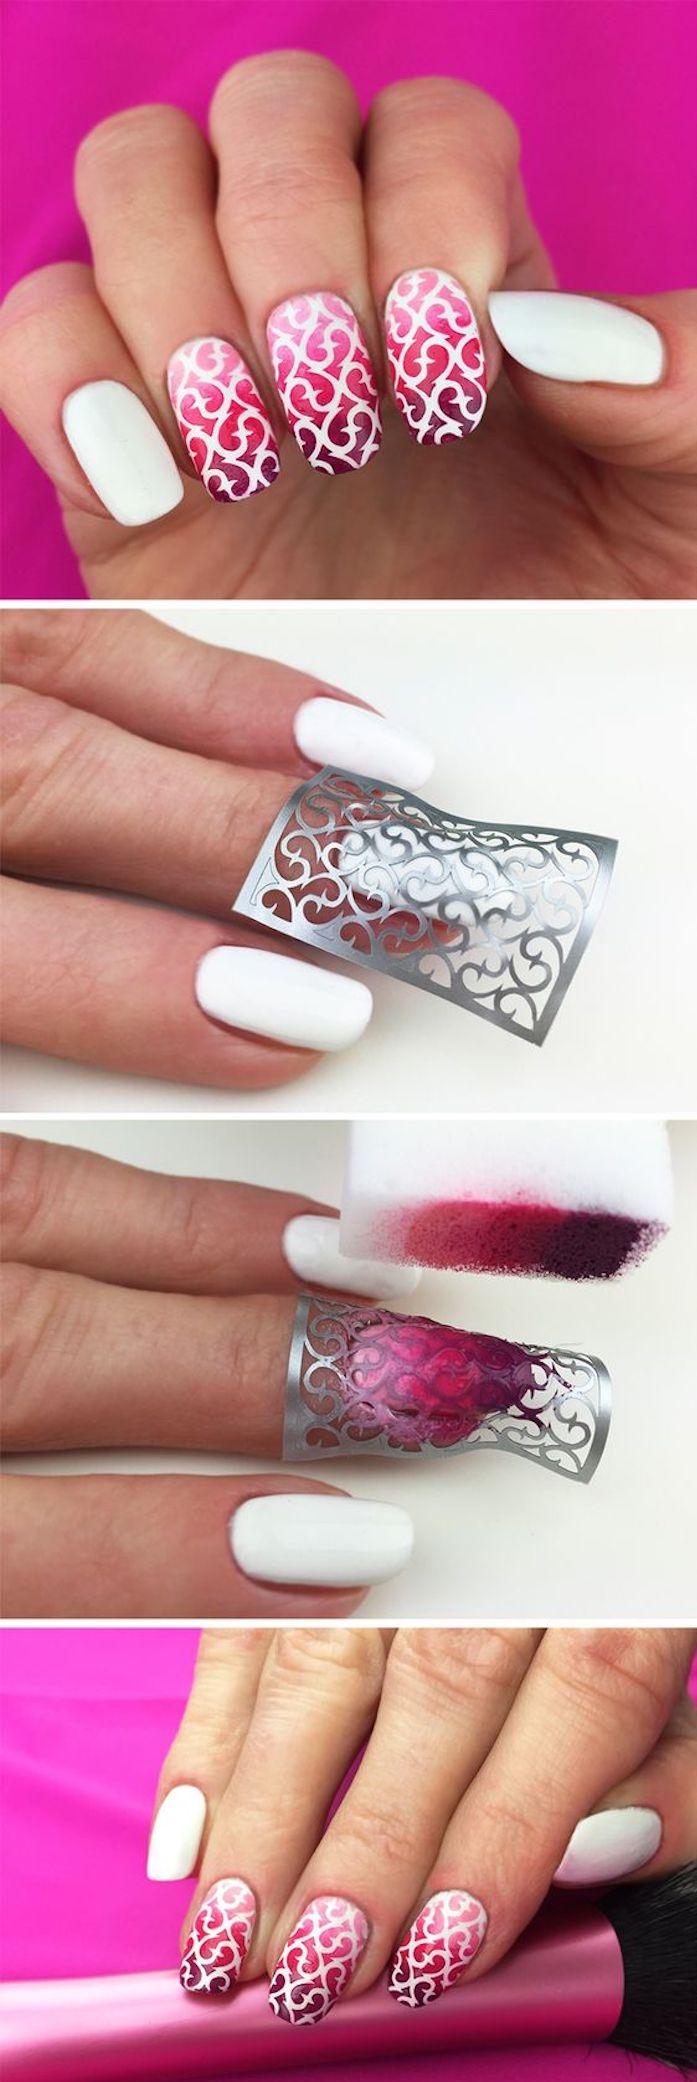 Ideen Für Nägel Wunderschönen Schwarzen Und Roten Nagel Designs